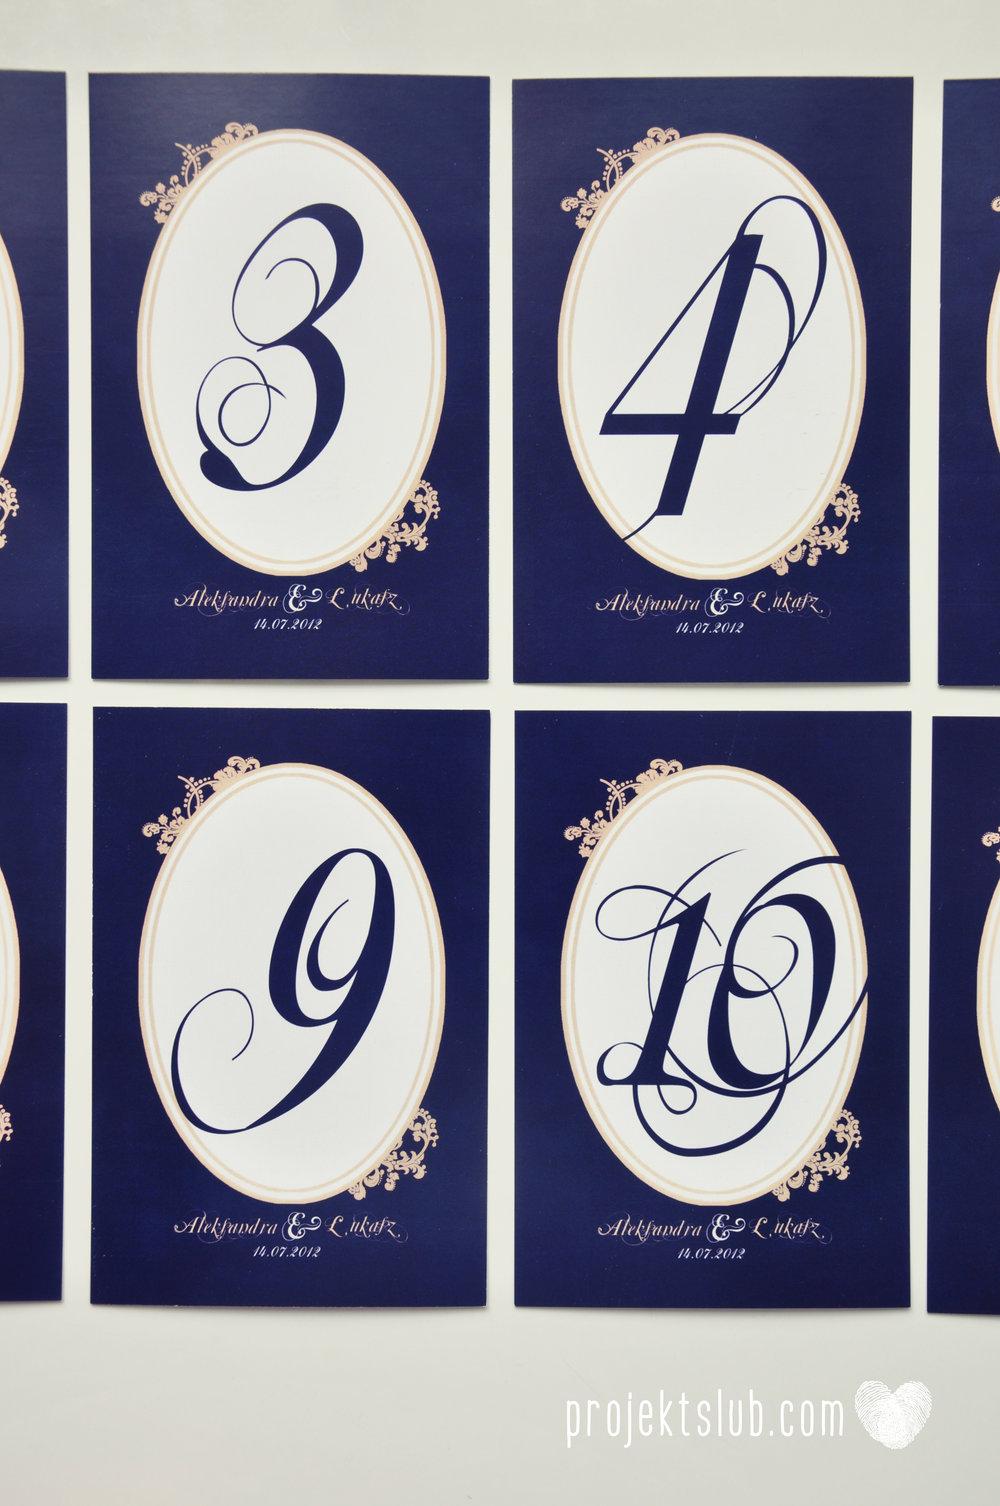 Klasyczne zaproszenie ślubne Granatowa Elegancja beżowa dodatki i dekoracje ślubne Projekt Ślub (18).jpg